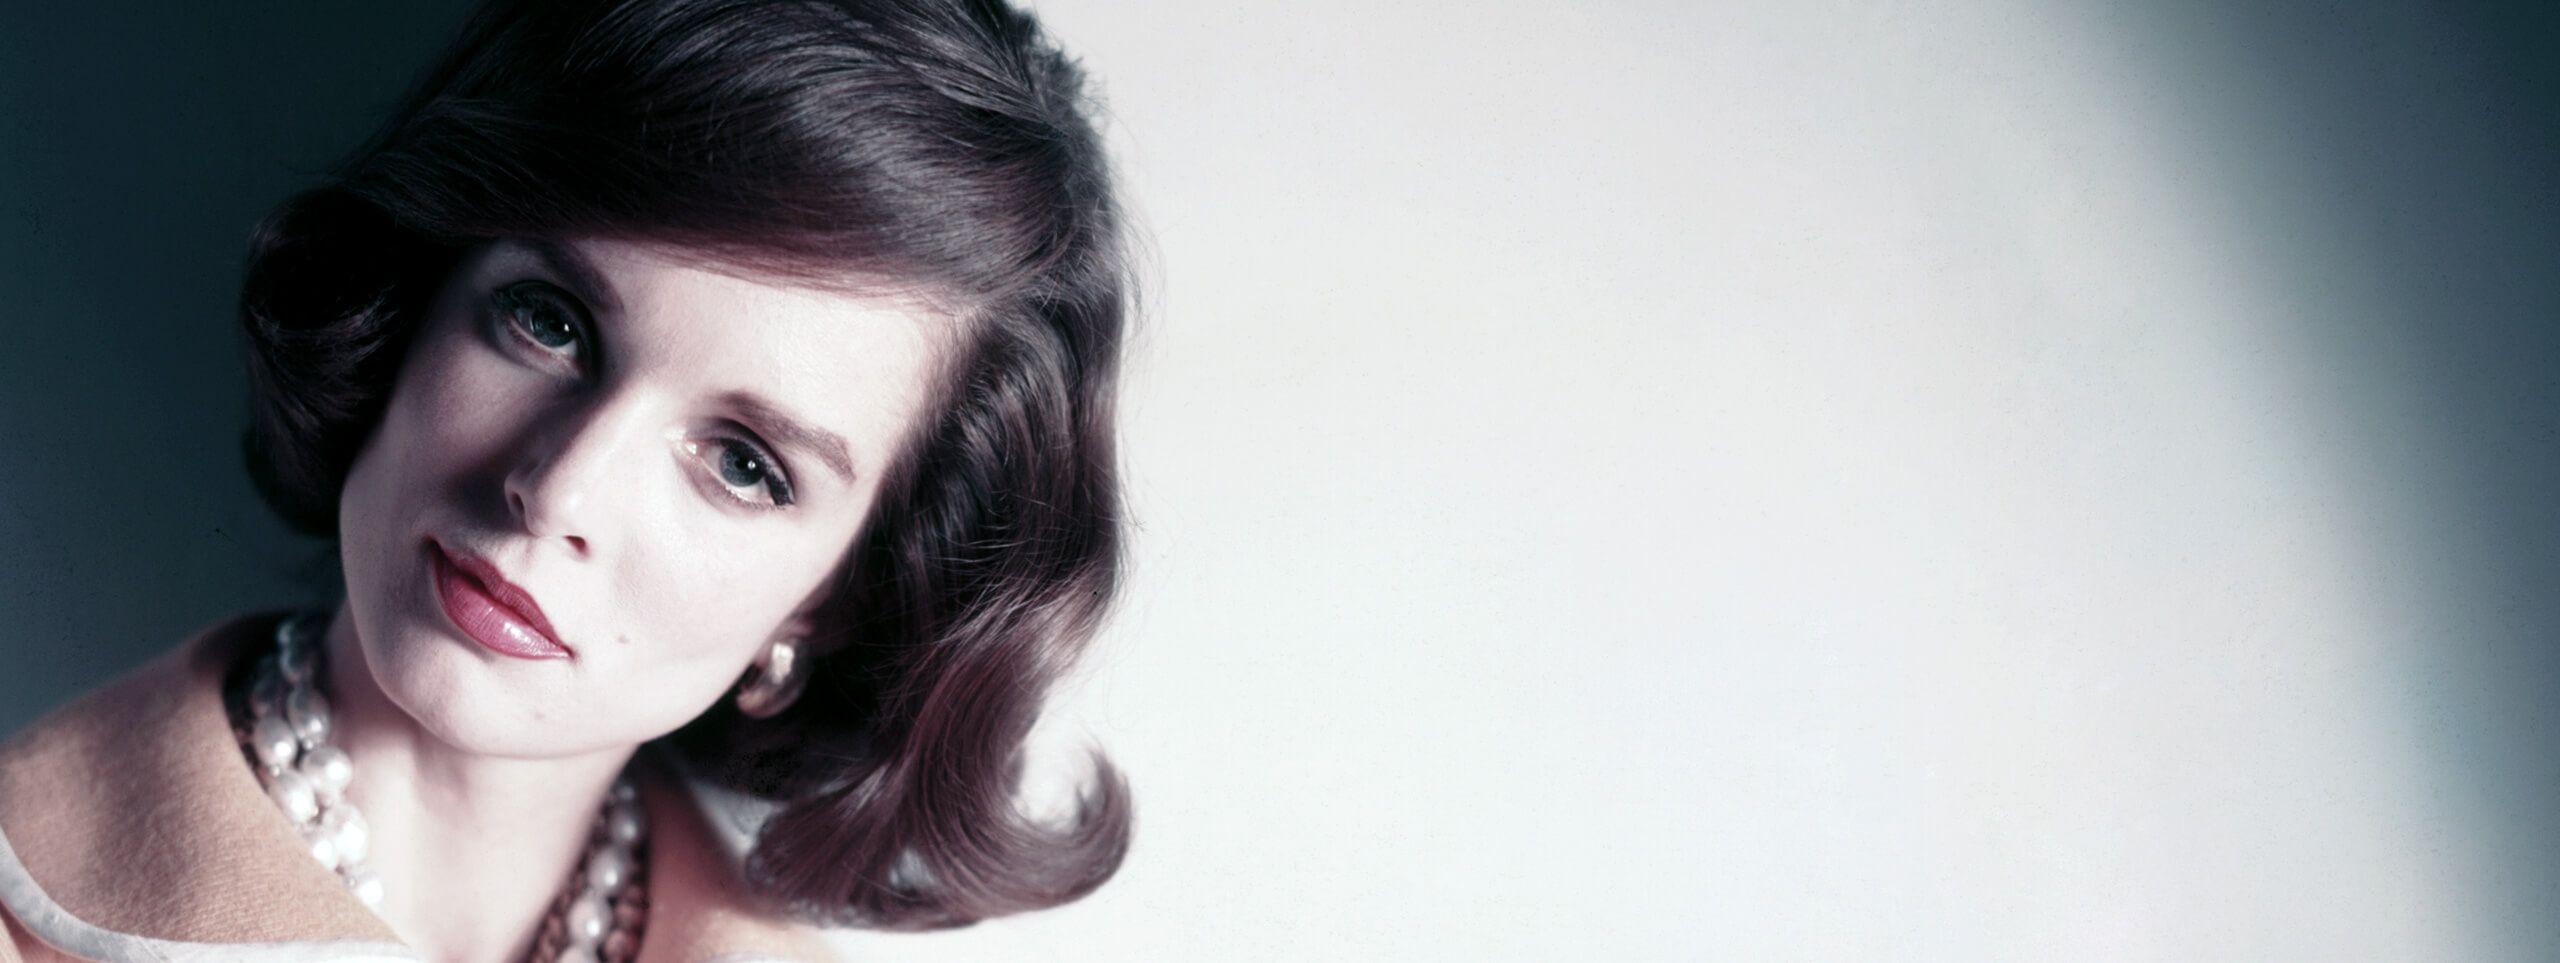 Kobieta z włosami pofalowanymi i ułożonymi w stylu lat 60-tych